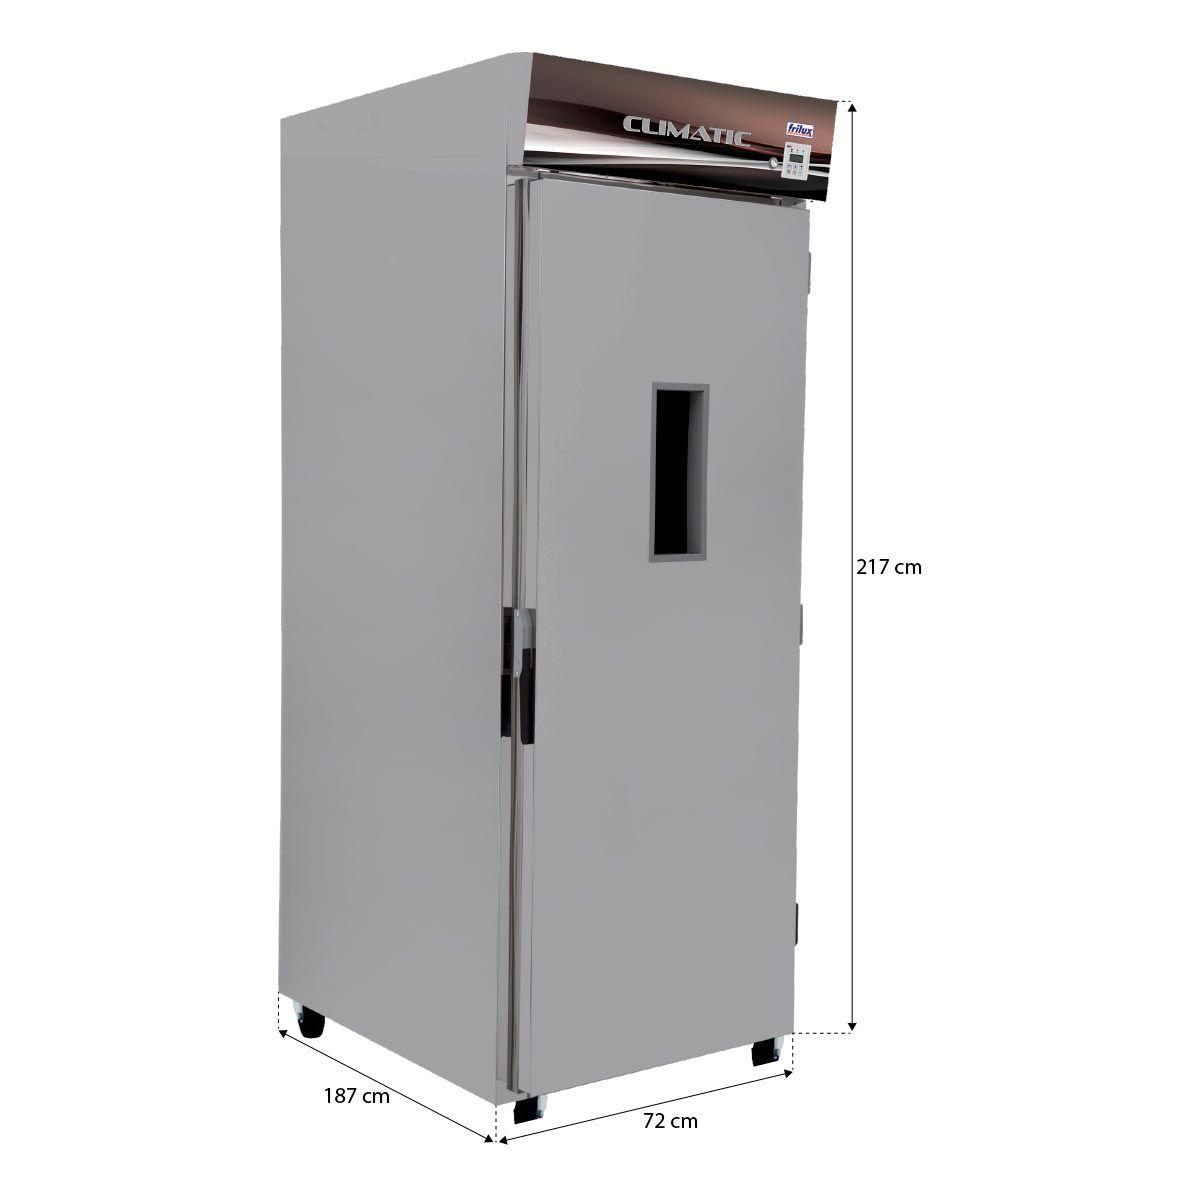 Câmara Climática De Fermentação De Pães 40 Esteiras Rf 120 - Frilux - 220V